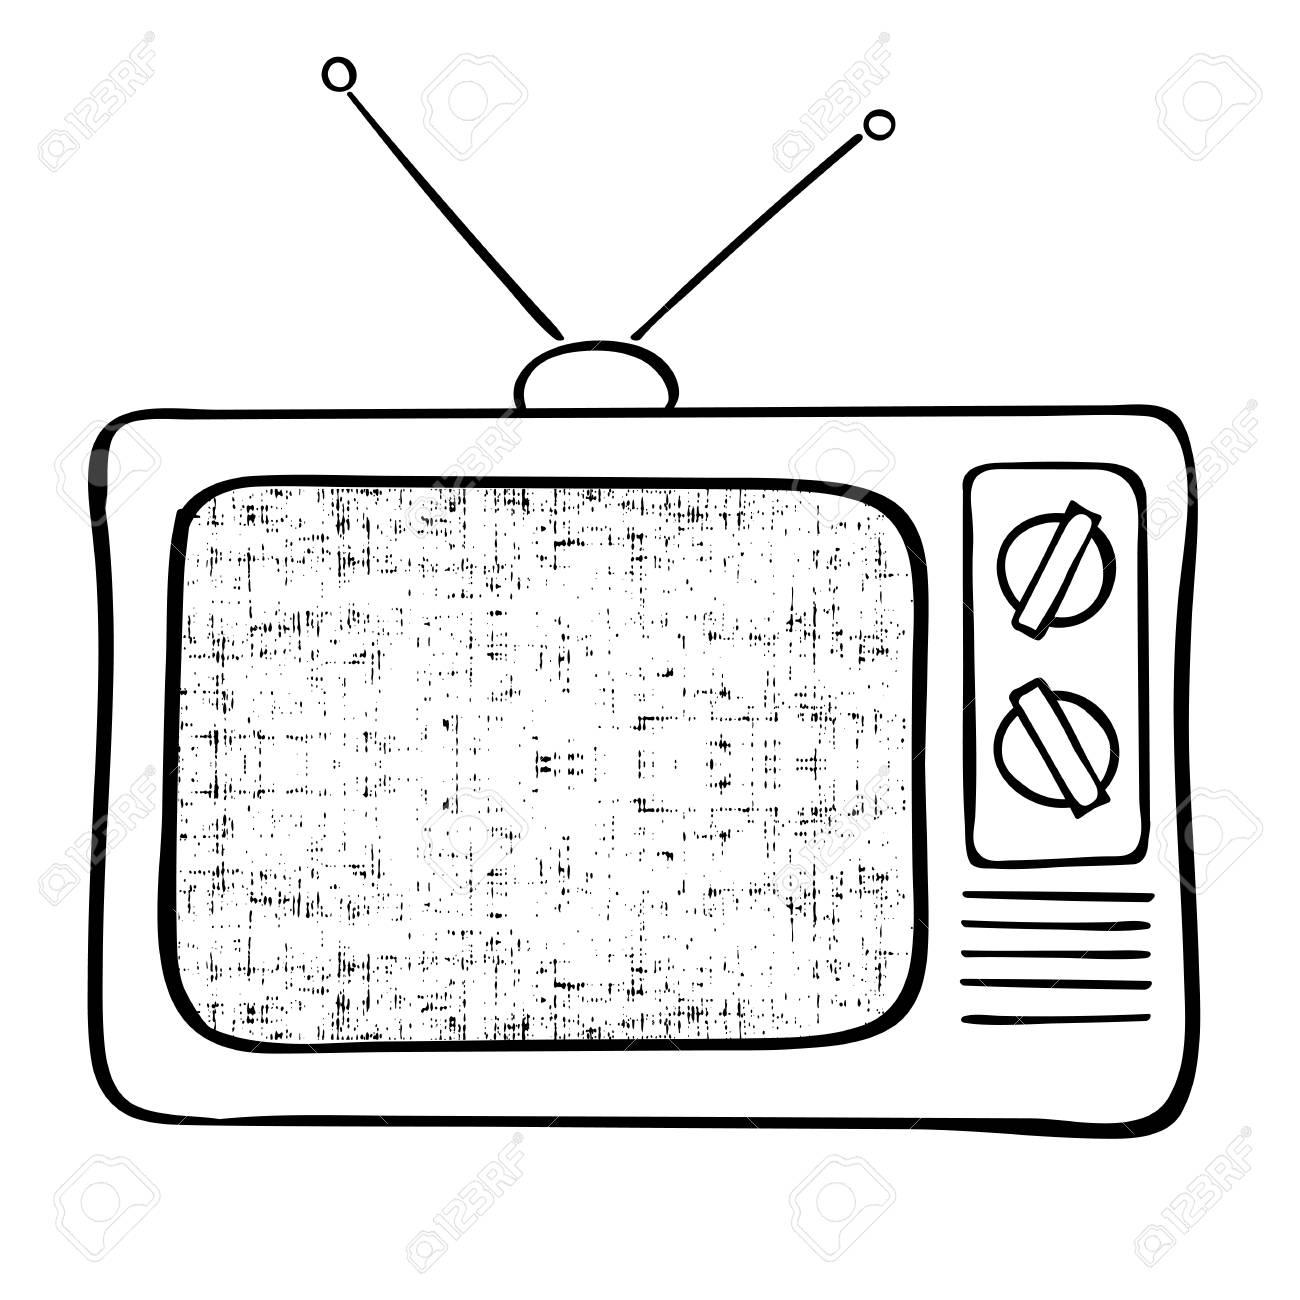 1300x1300 Old Tv Set Hand Drawn Vector Illustration. Vintage Grunge